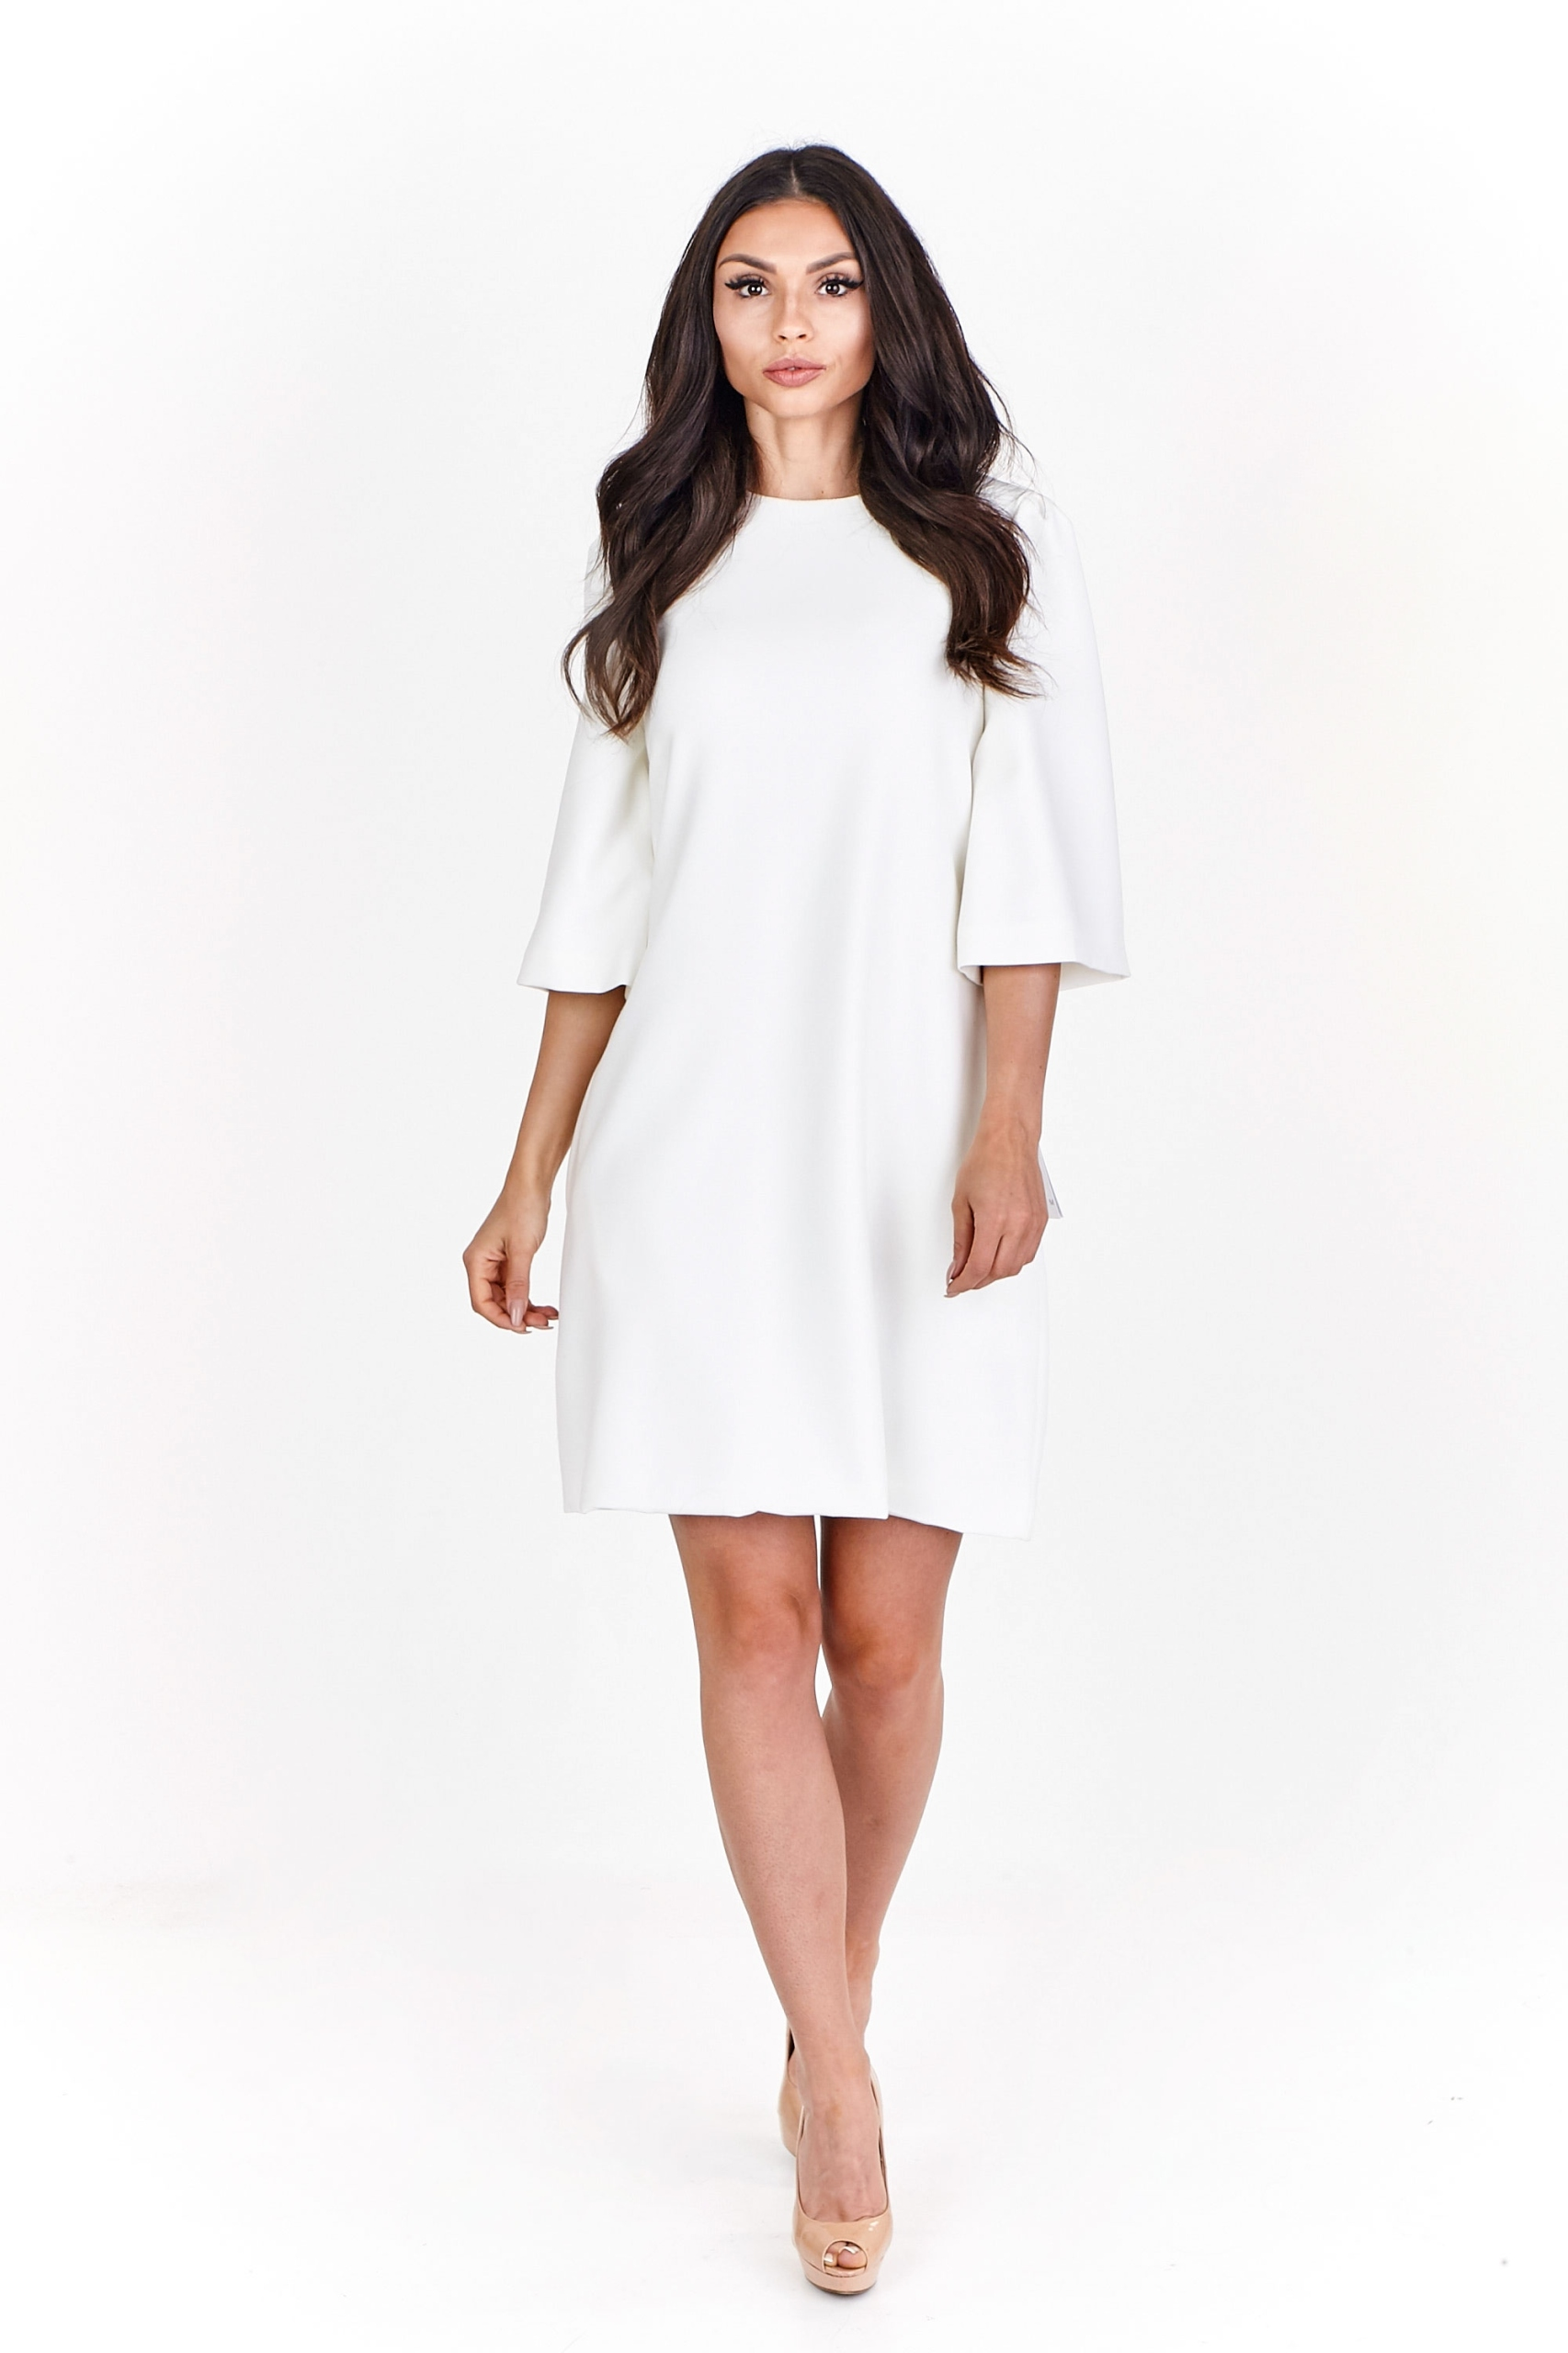 1fadda5f30 Minimalistyczna sukienka trapezowa 34 Kremowy - 7525449965 ...